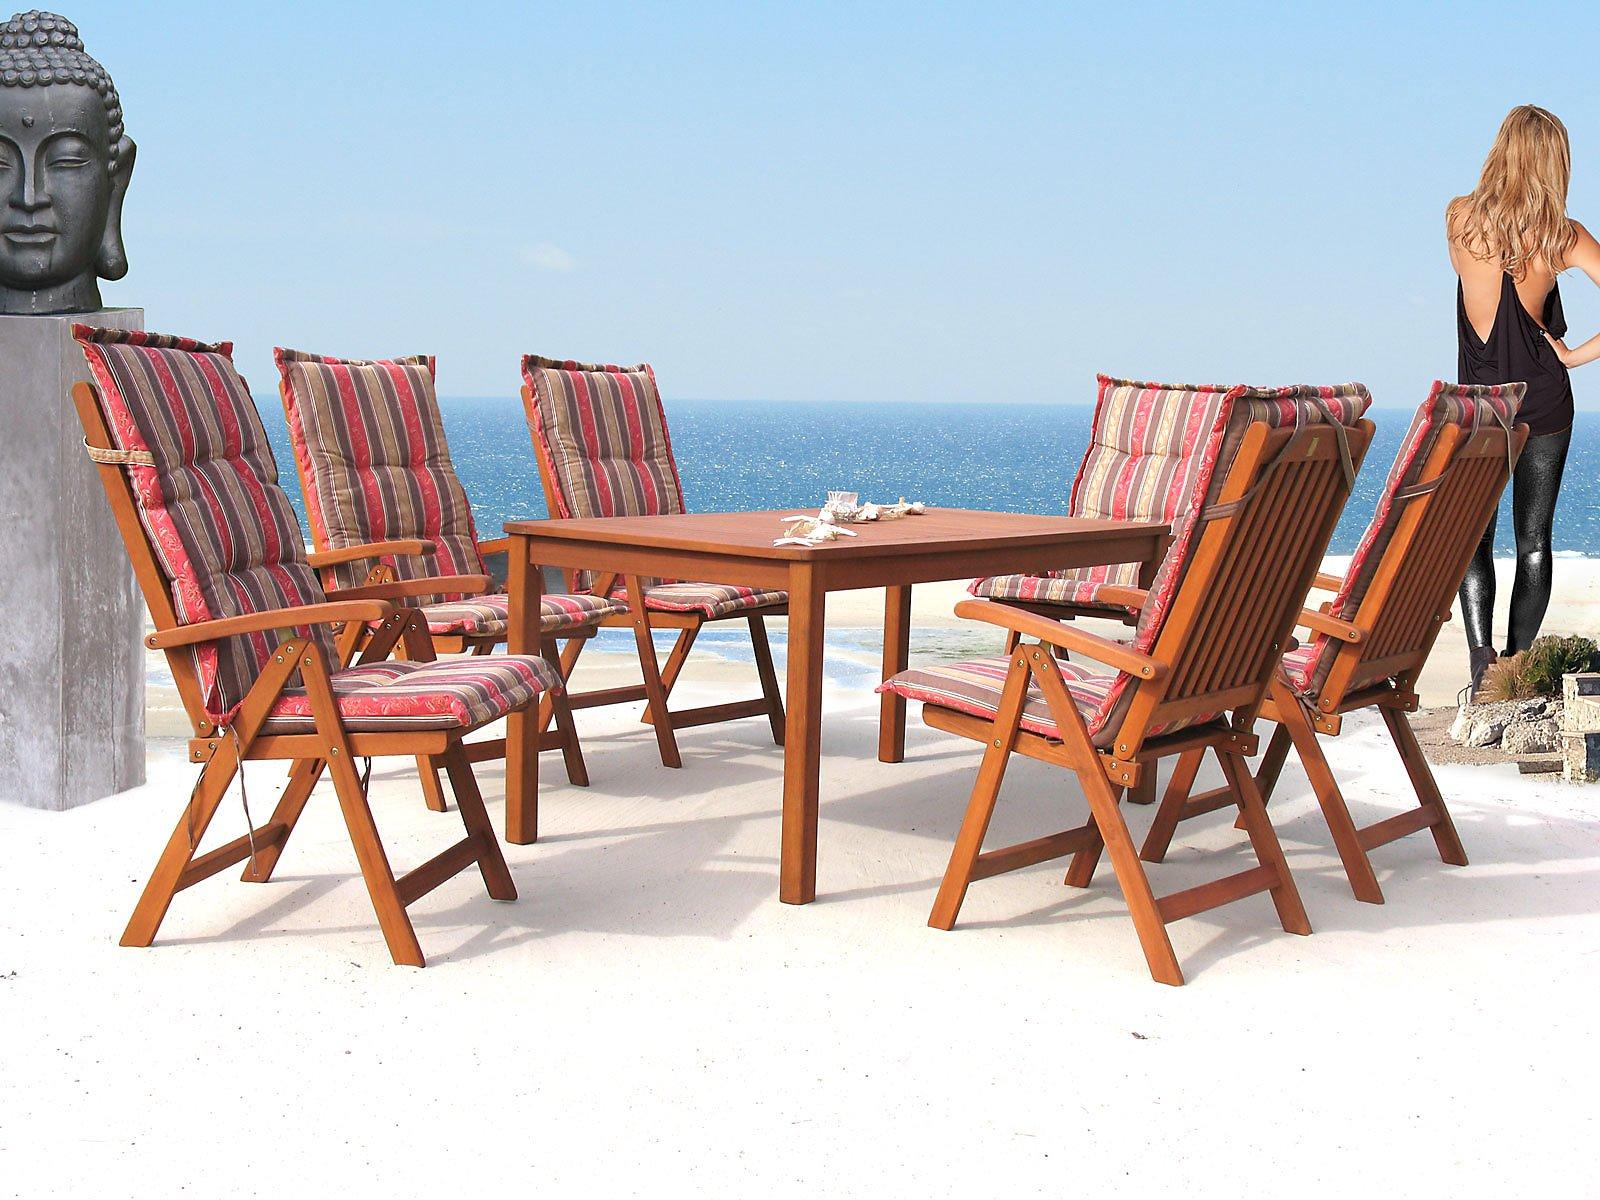 stuhl mit polster elegant moderner stuhl polster holz von naoto fukasawa with stuhl mit polster. Black Bedroom Furniture Sets. Home Design Ideas